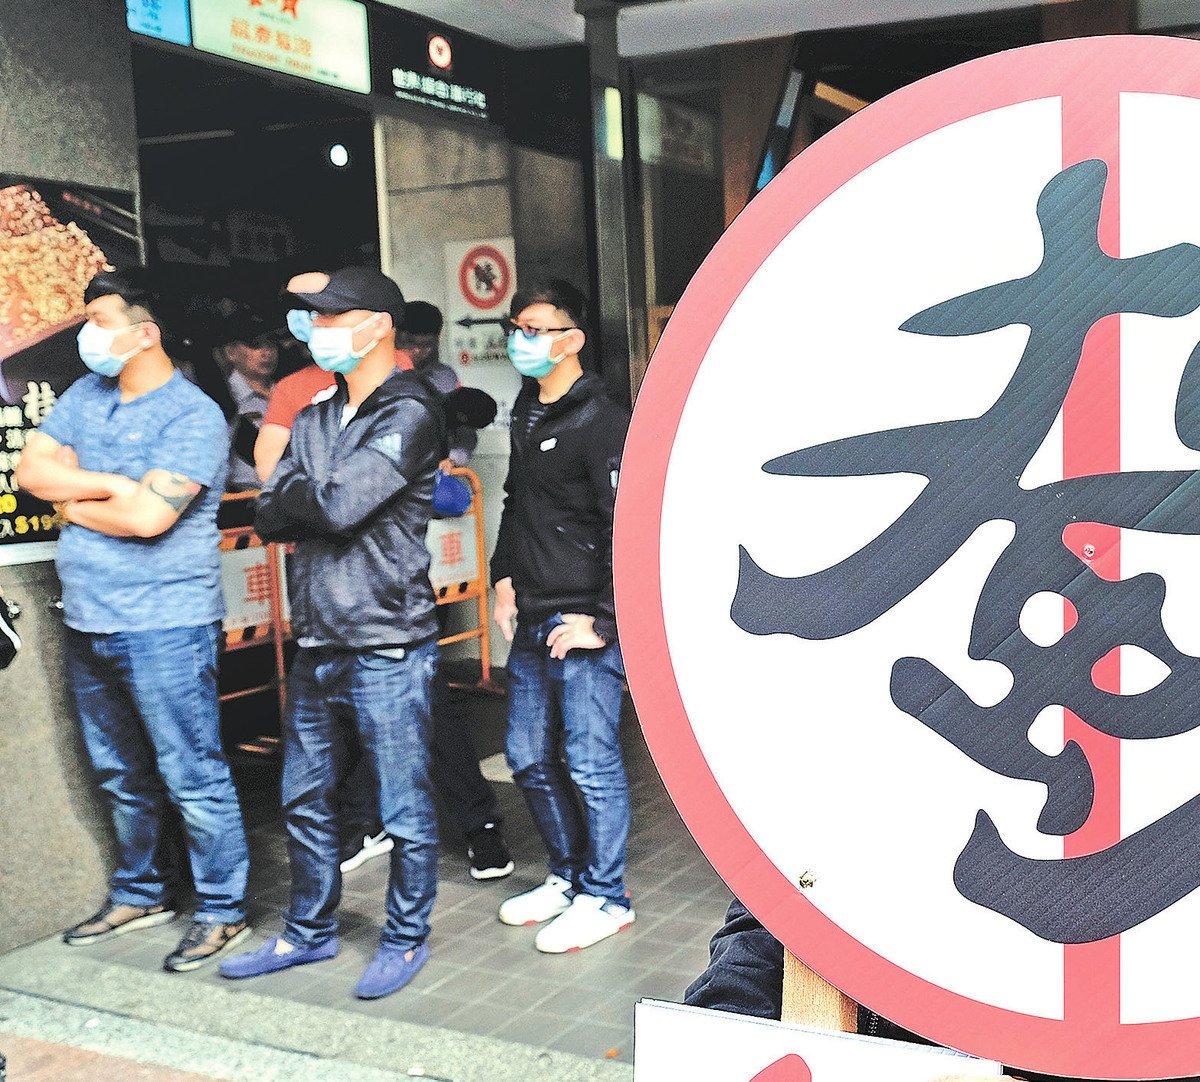 1月7日,台北一場針對香港民主人士的抗議,現場出現不少形跡可疑的男子,他們面戴口罩,被指有黑幫背景。(AFP)